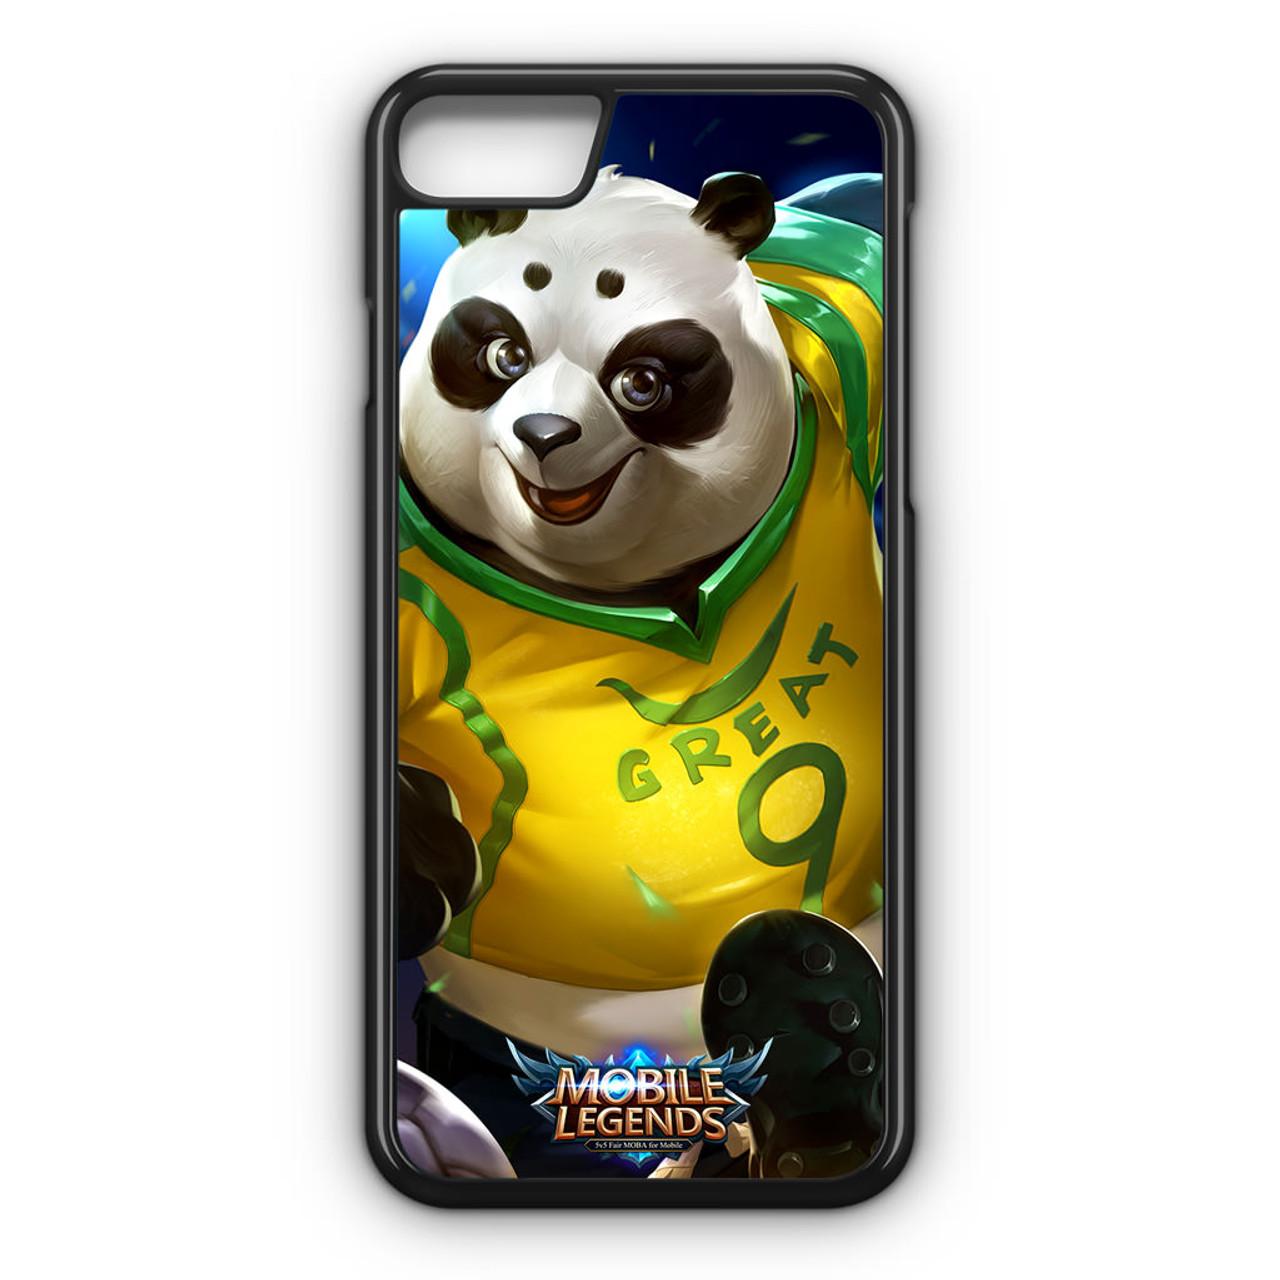 separation shoes b0865 d310a Mobile Legends Akai Soccer Titan iPhone 8 Case